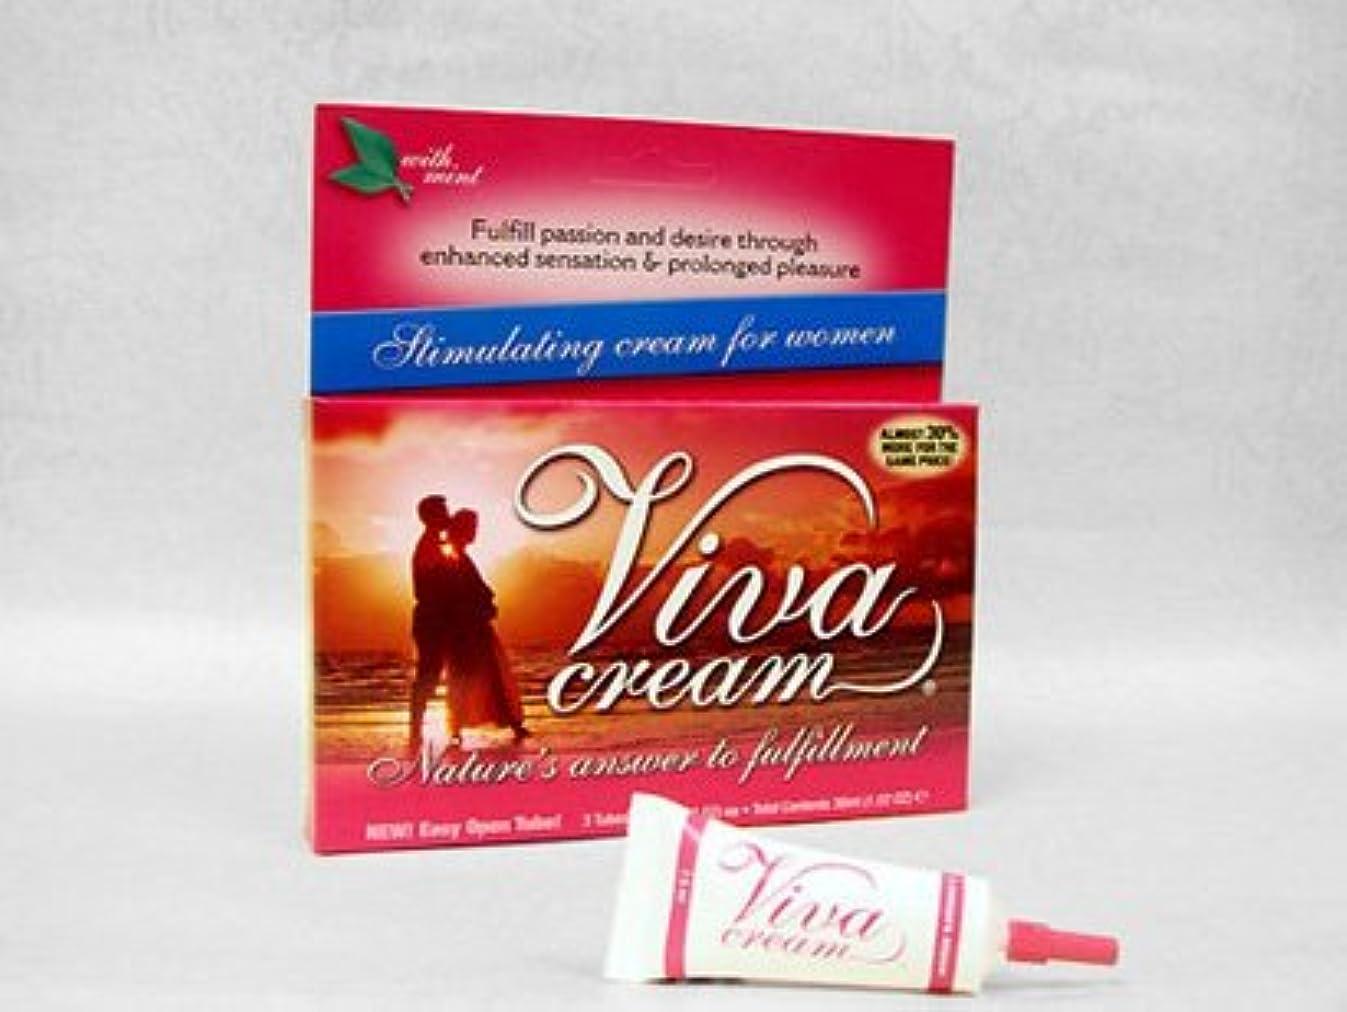 ビバクリーム Viva Cream (7.5ml) 6本セット